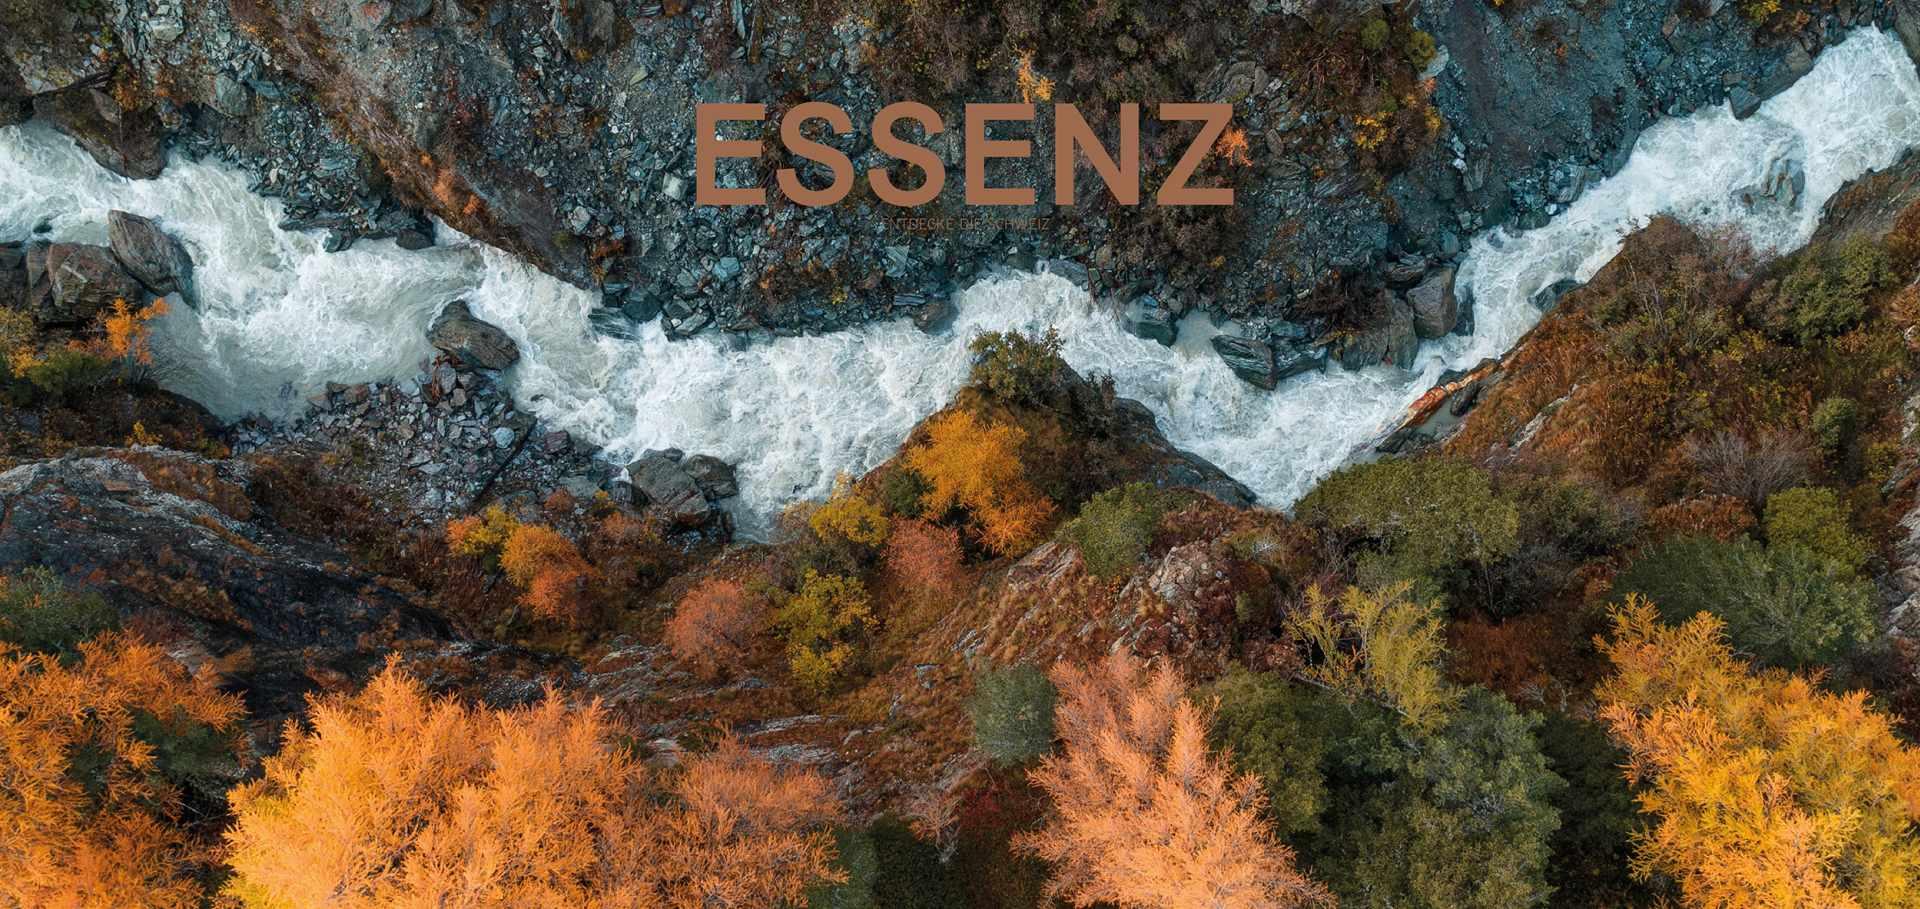 Essenz Coverbild Herbst 2020